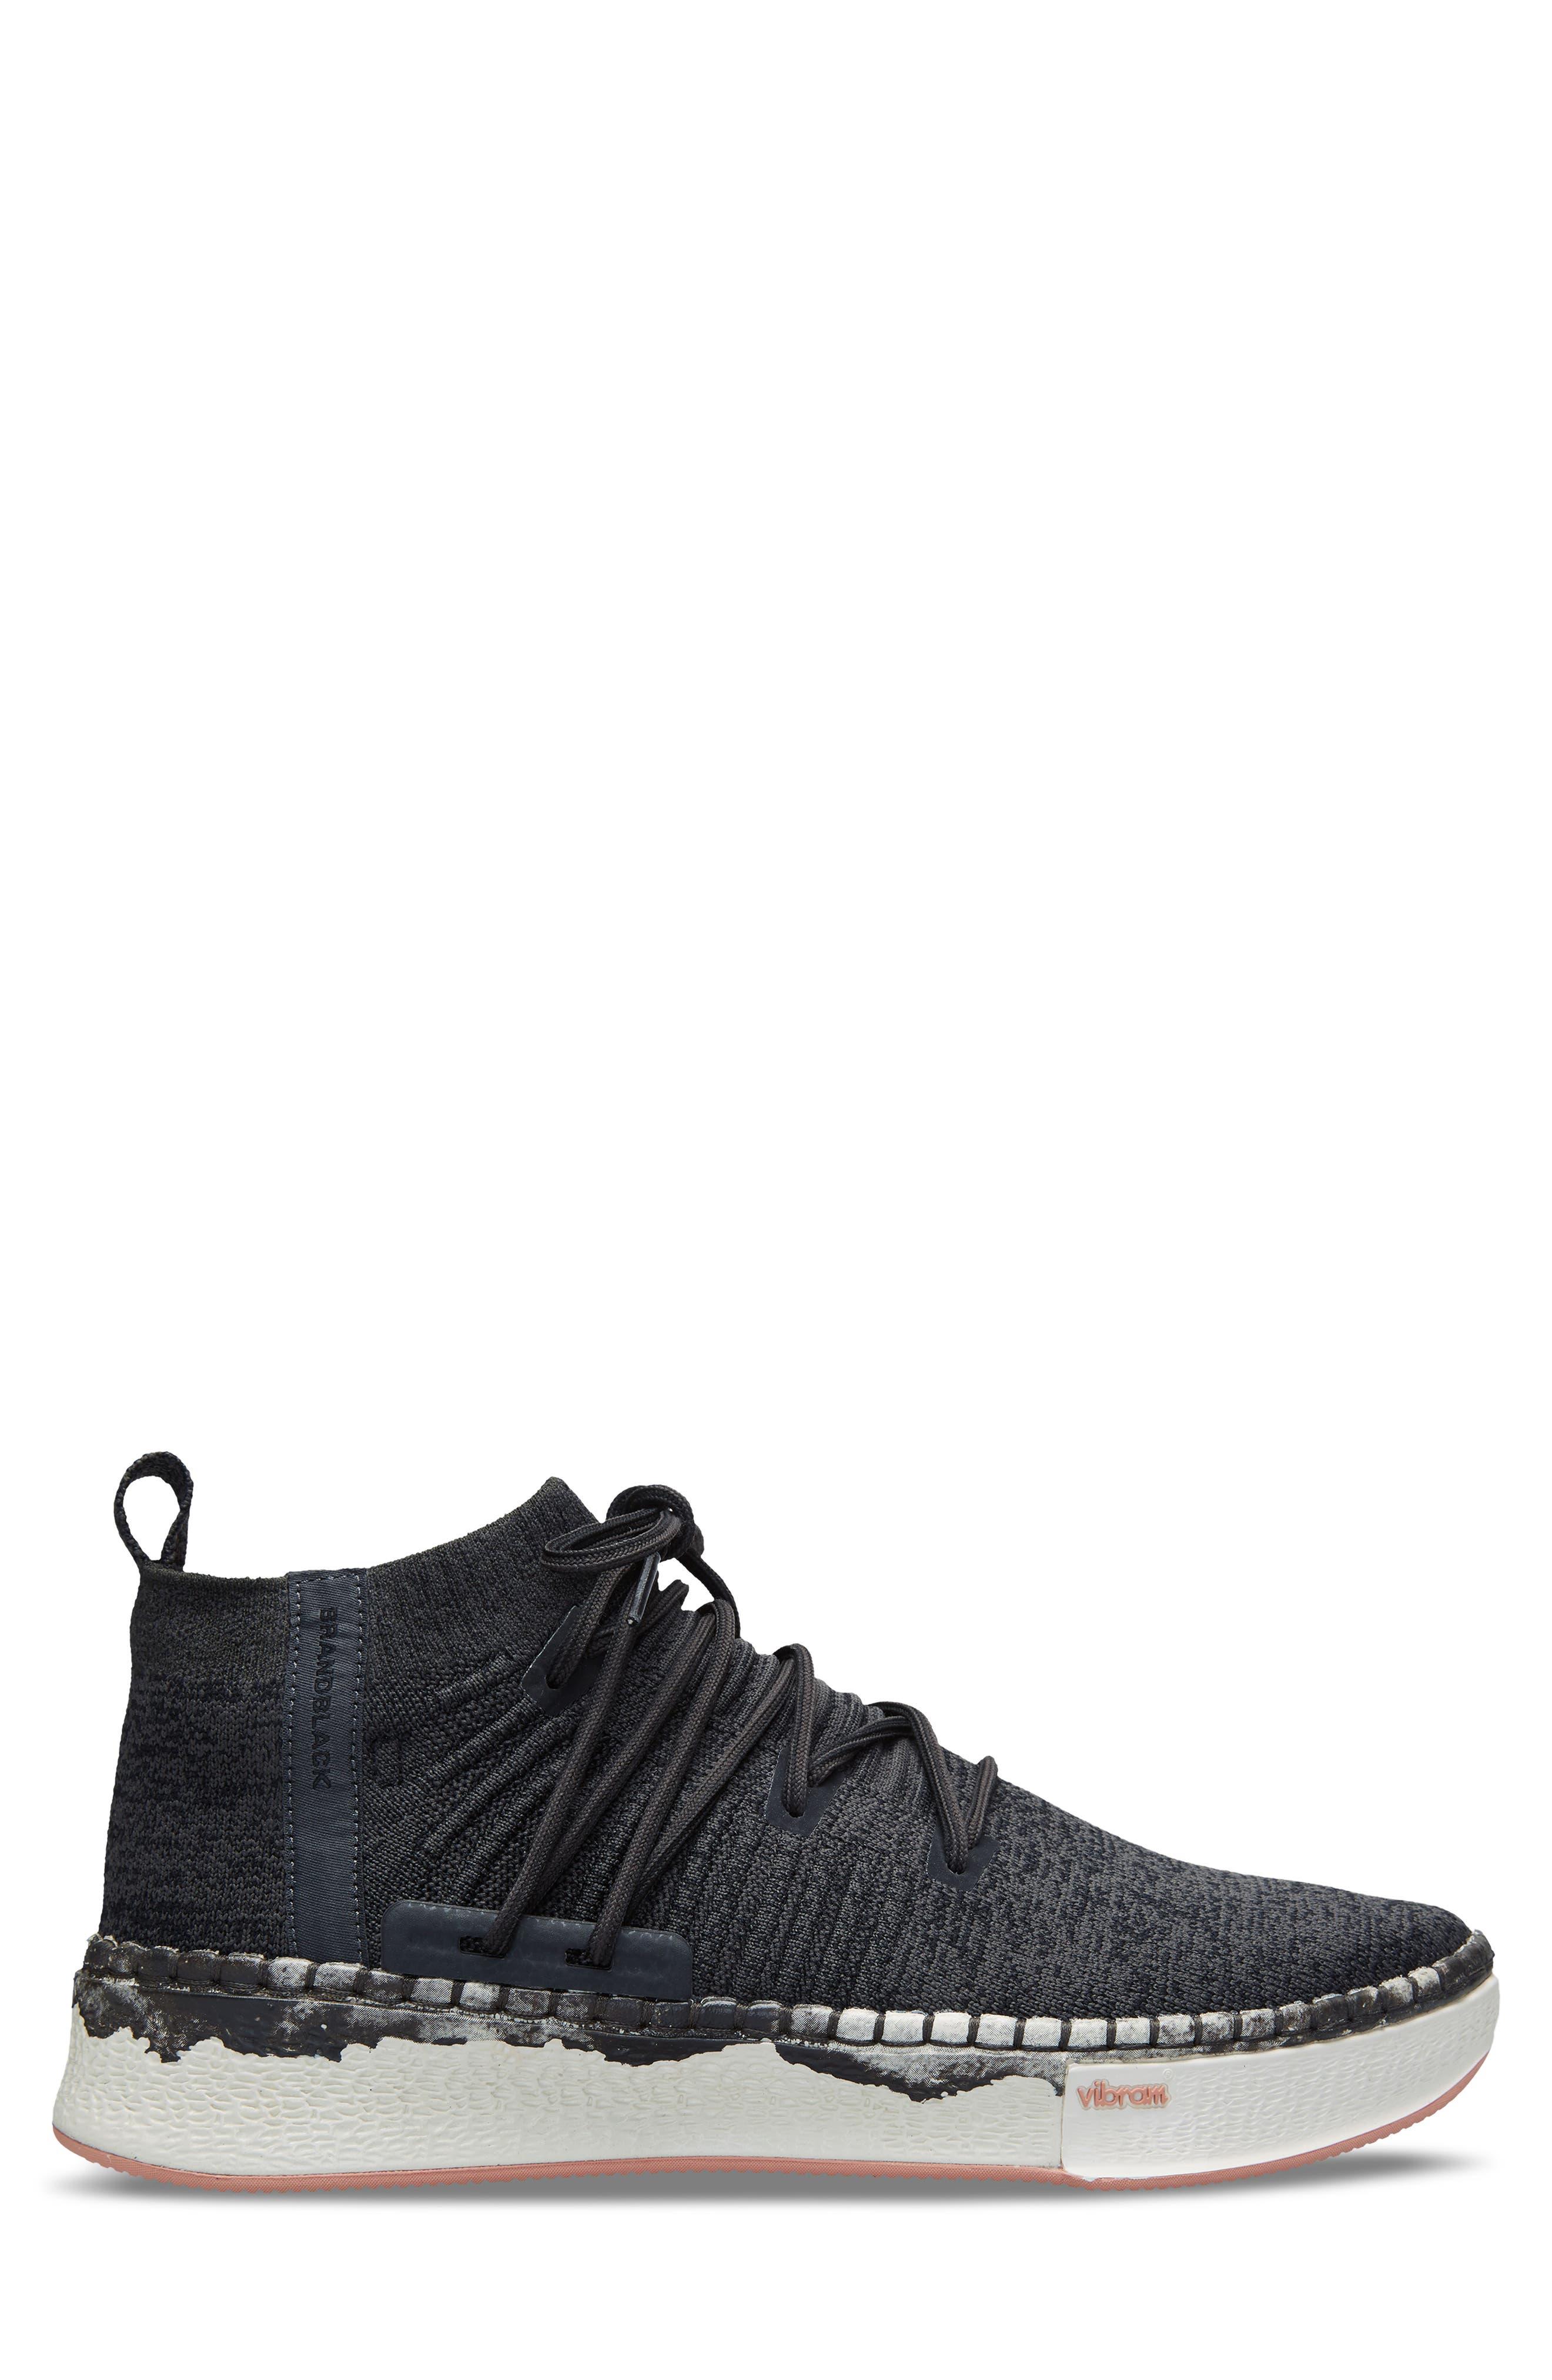 Delta Shibori Sneaker,                             Alternate thumbnail 3, color,                             Black